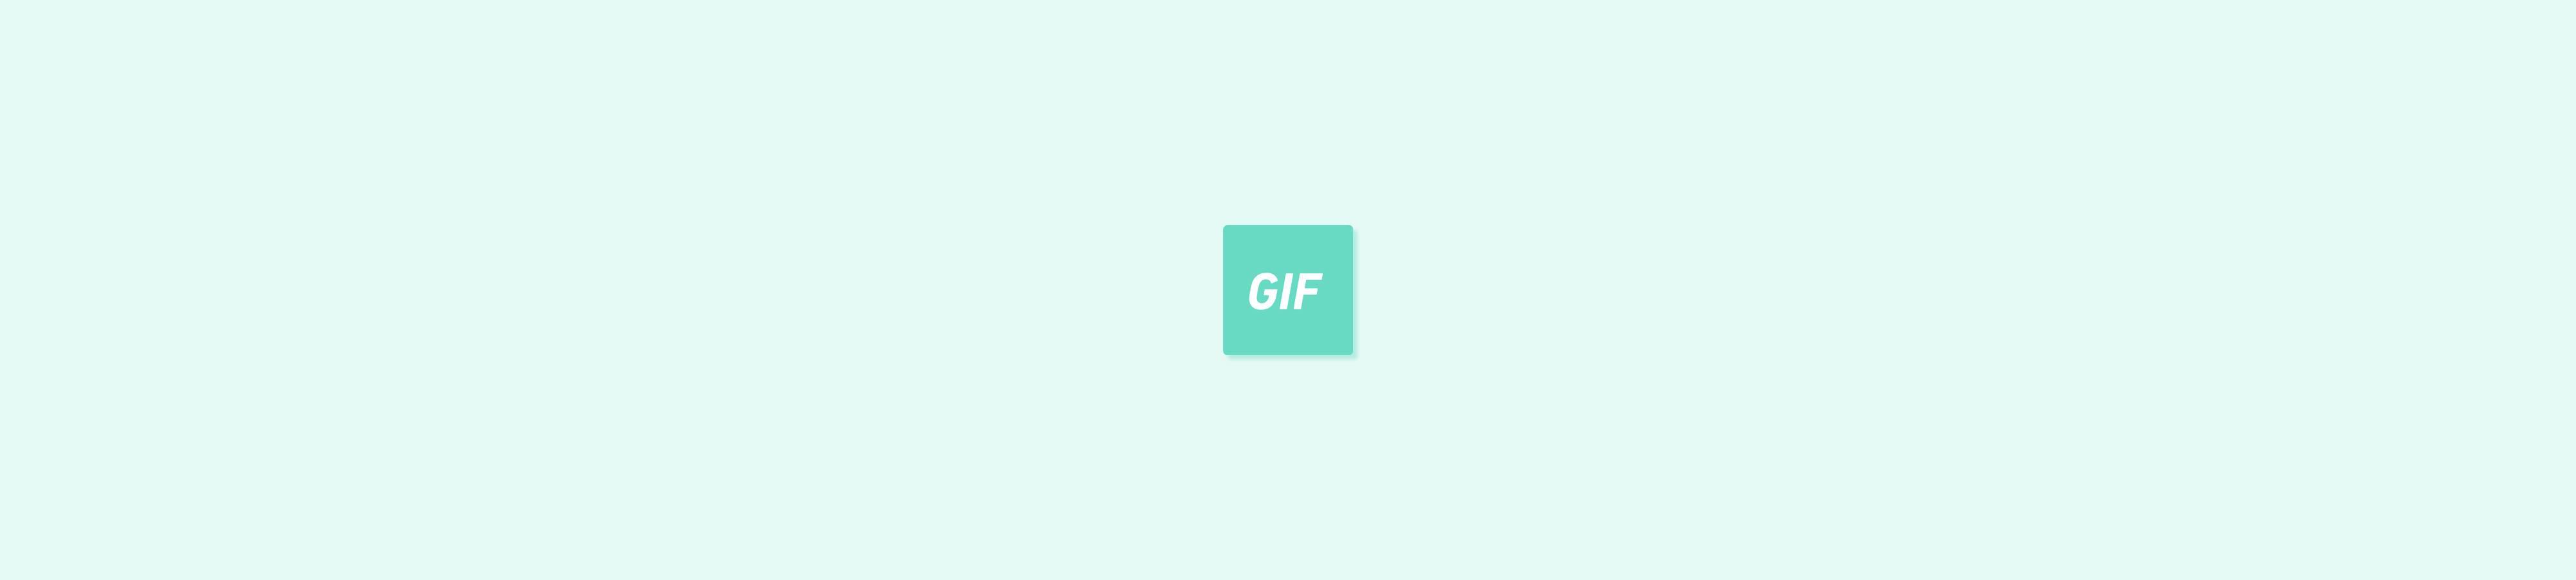 安排上了!GIF缩放功能紧密筹划中,新媒体工作者有福了